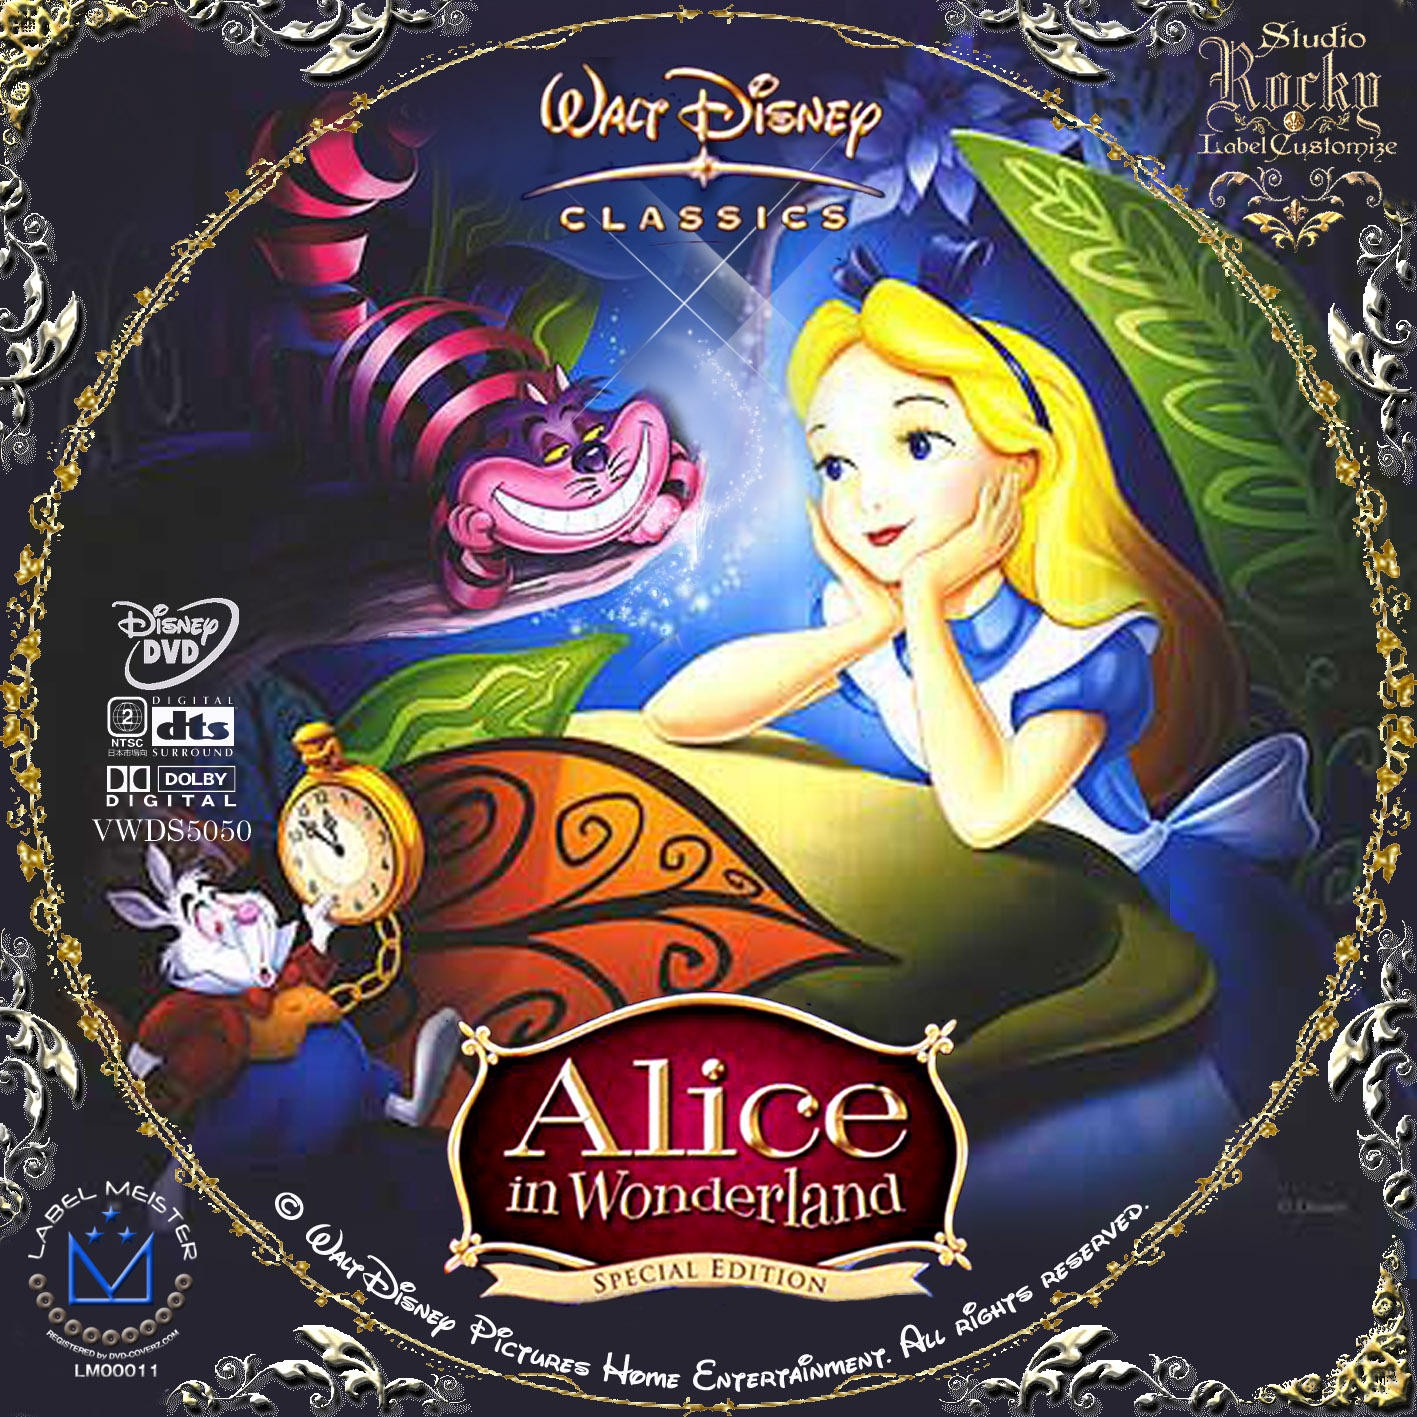 不思議の国のアリスのキャラクター雑貨を集めてみましたよ。のサムネイル画像